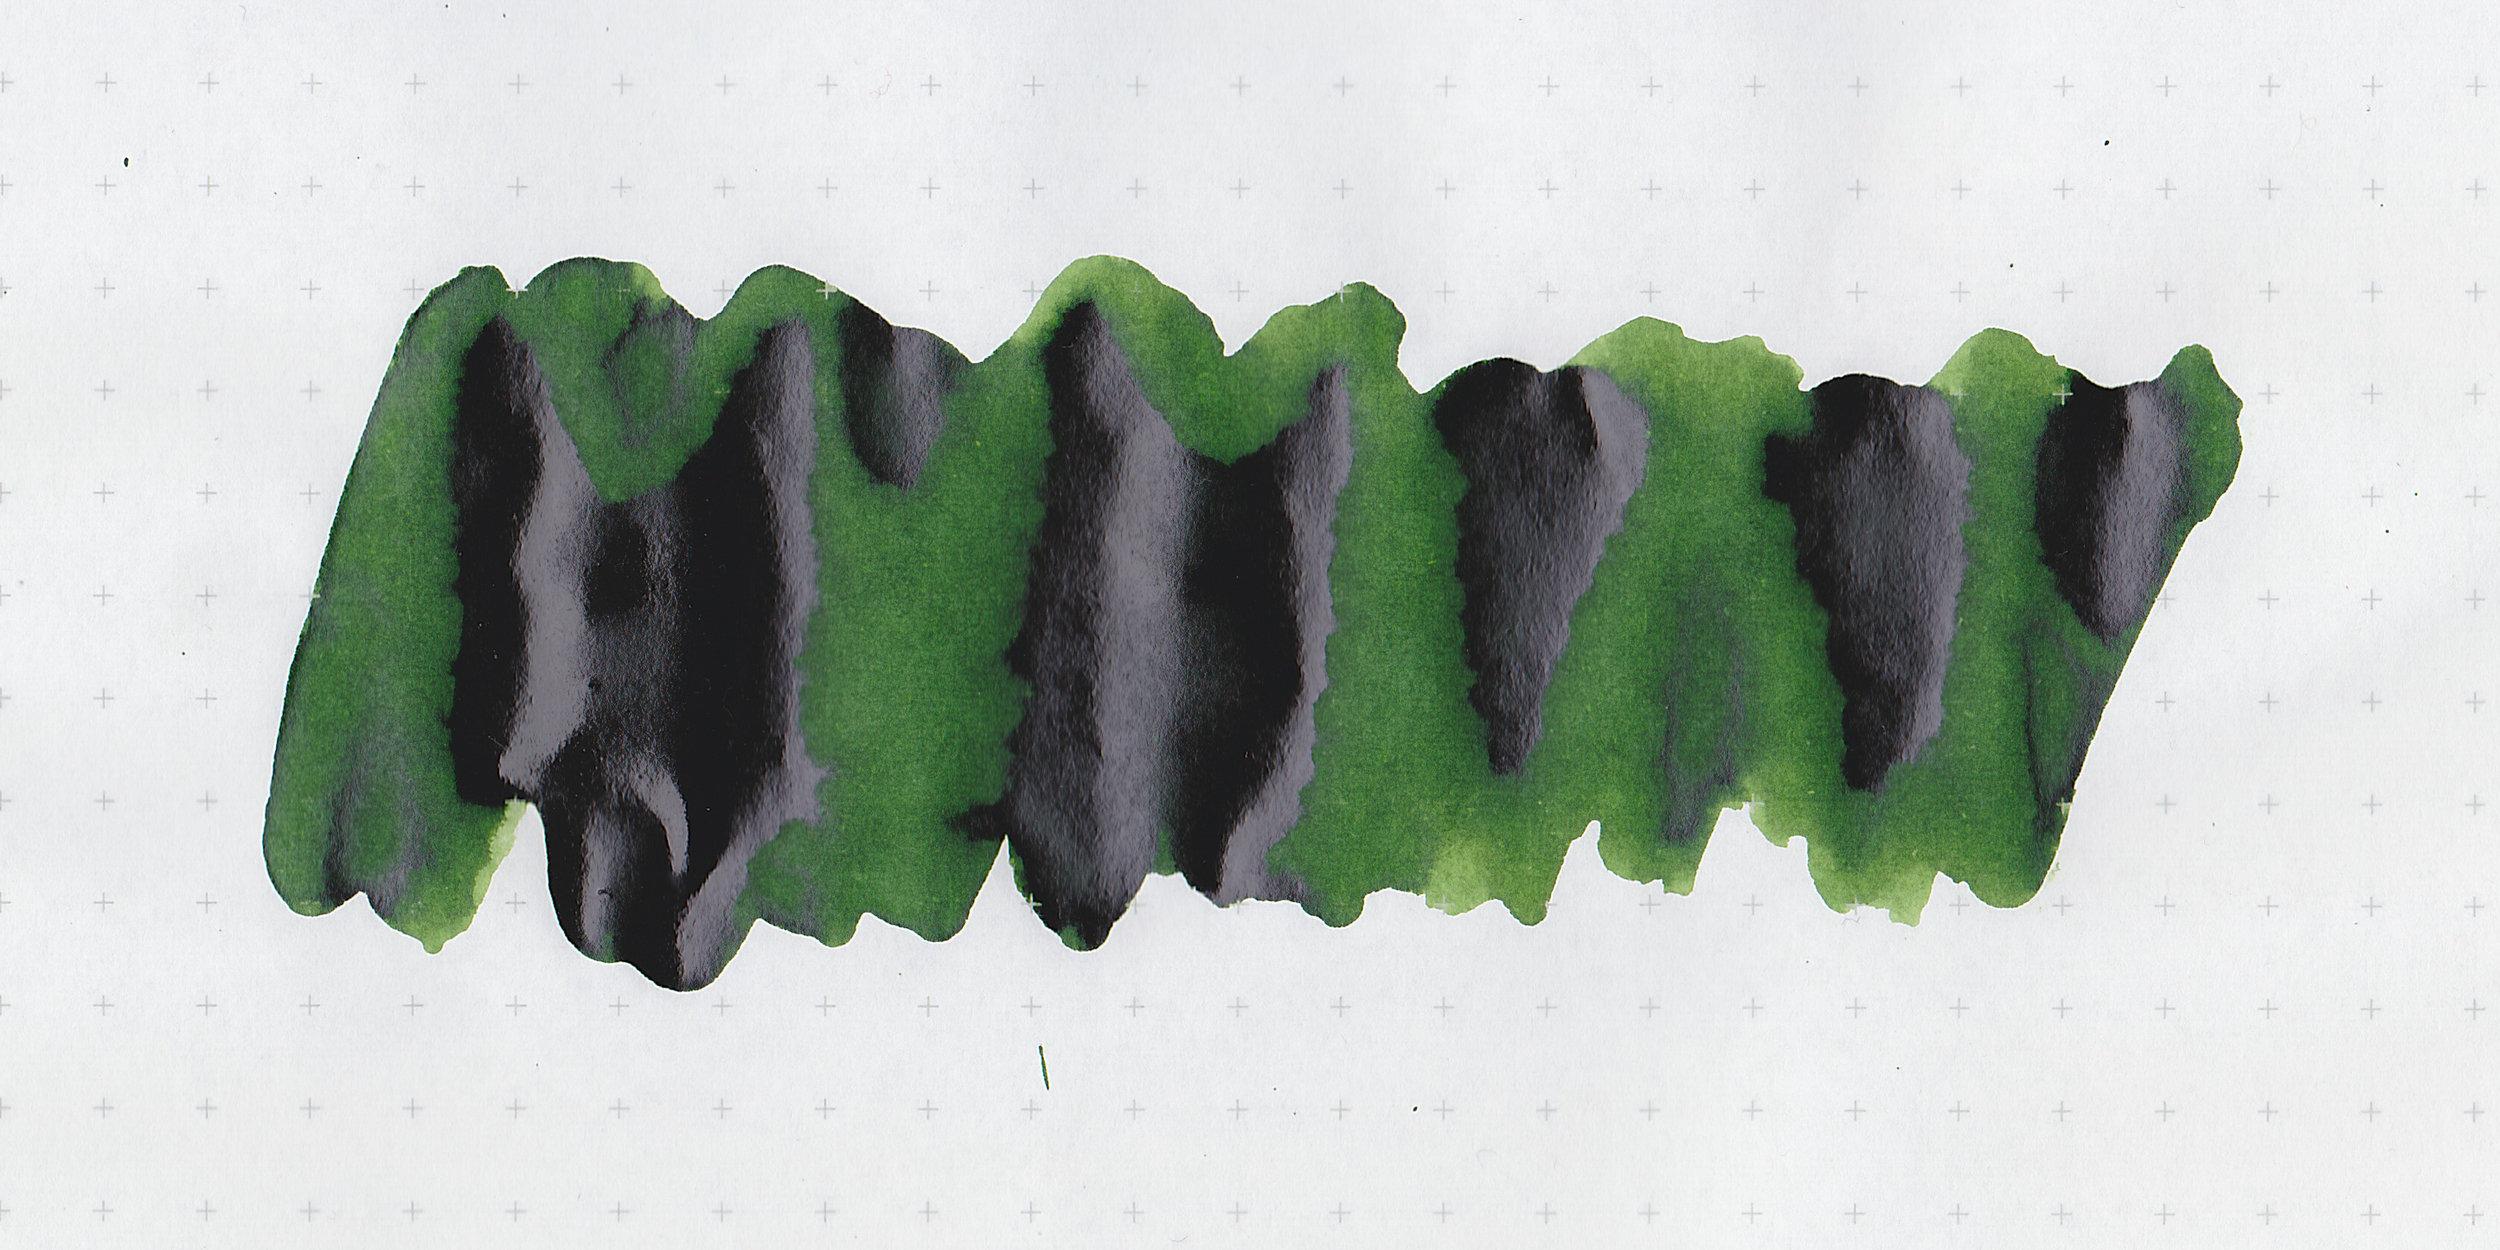 ap-green-bay-12.jpg